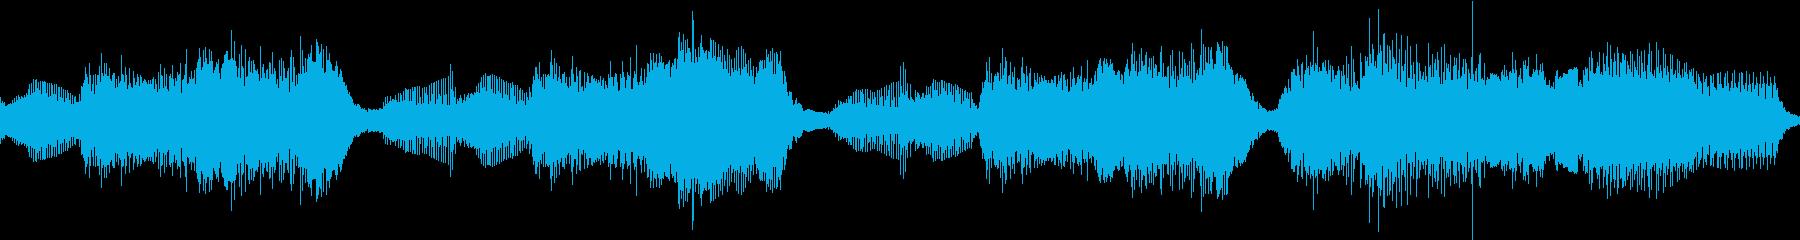 【ハロウィン風】オルガンとベル ループの再生済みの波形